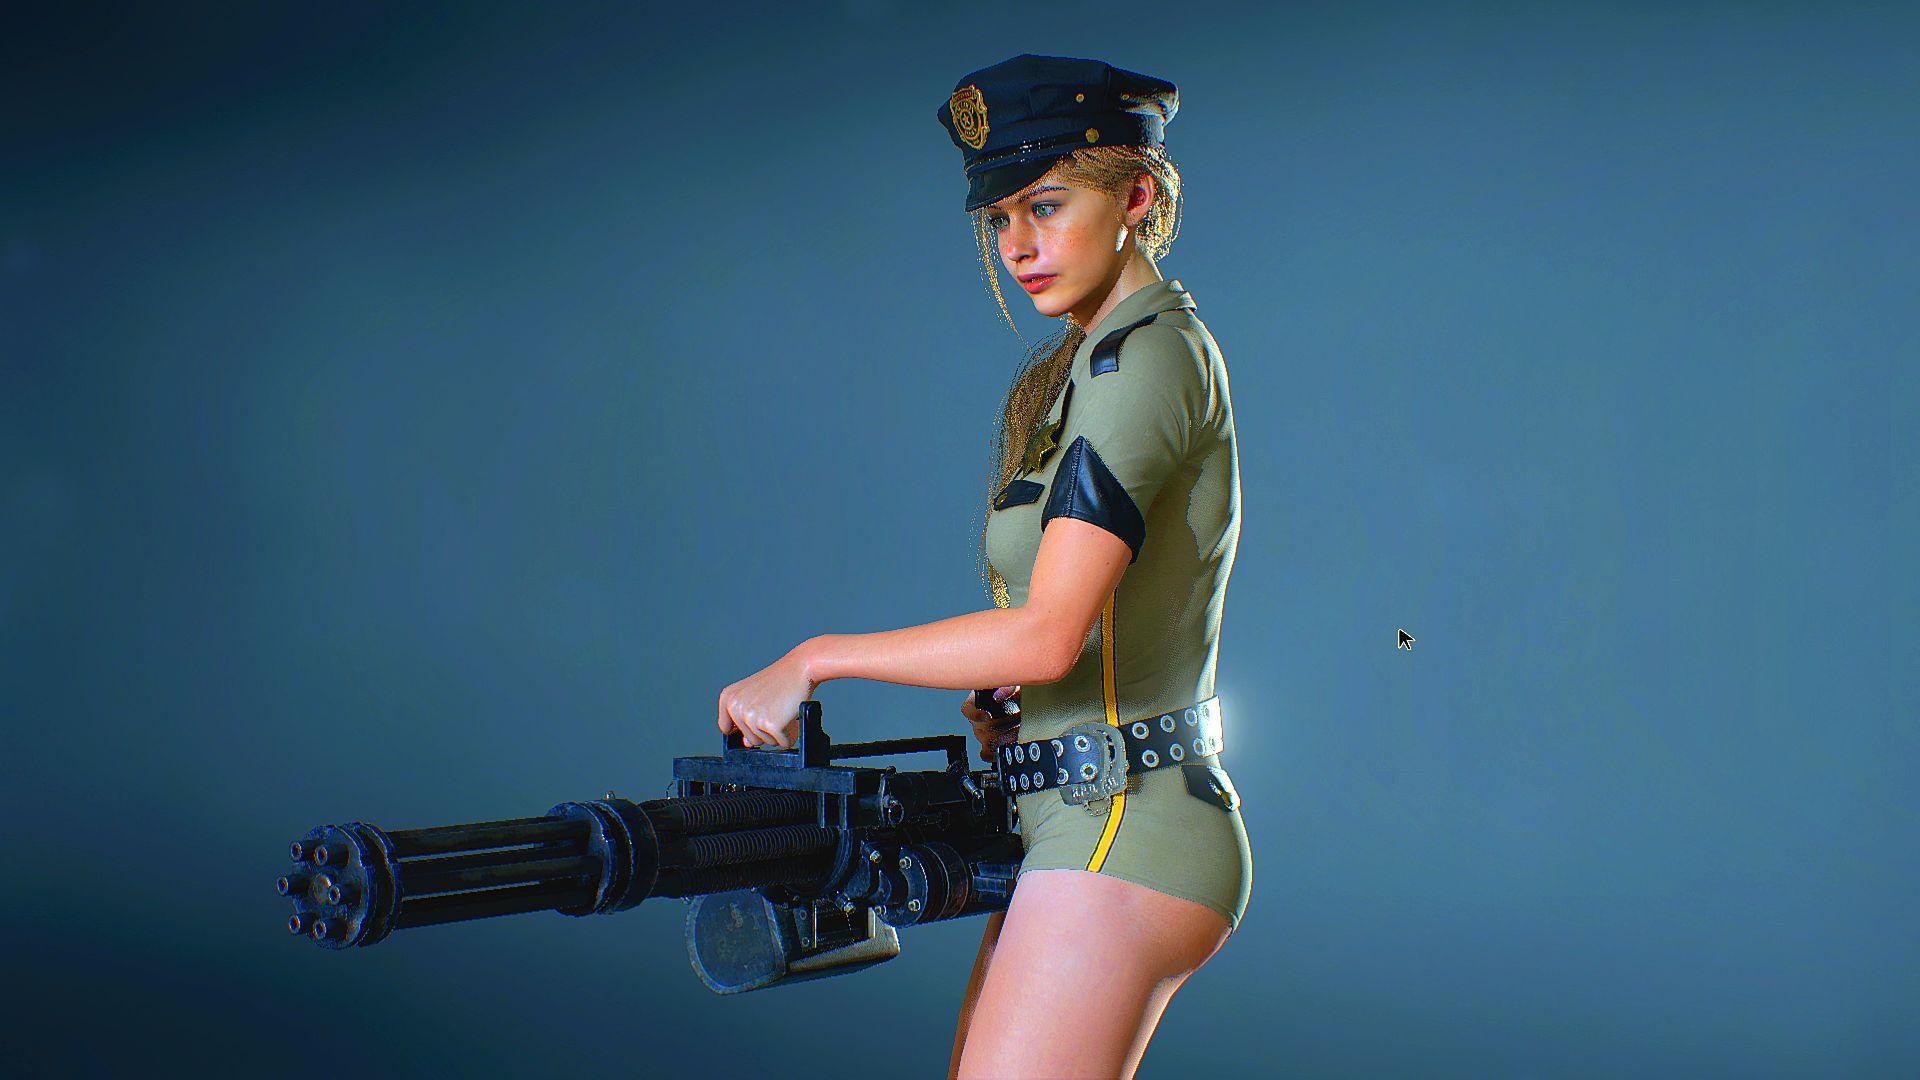 000731.Jpg - Resident Evil 2